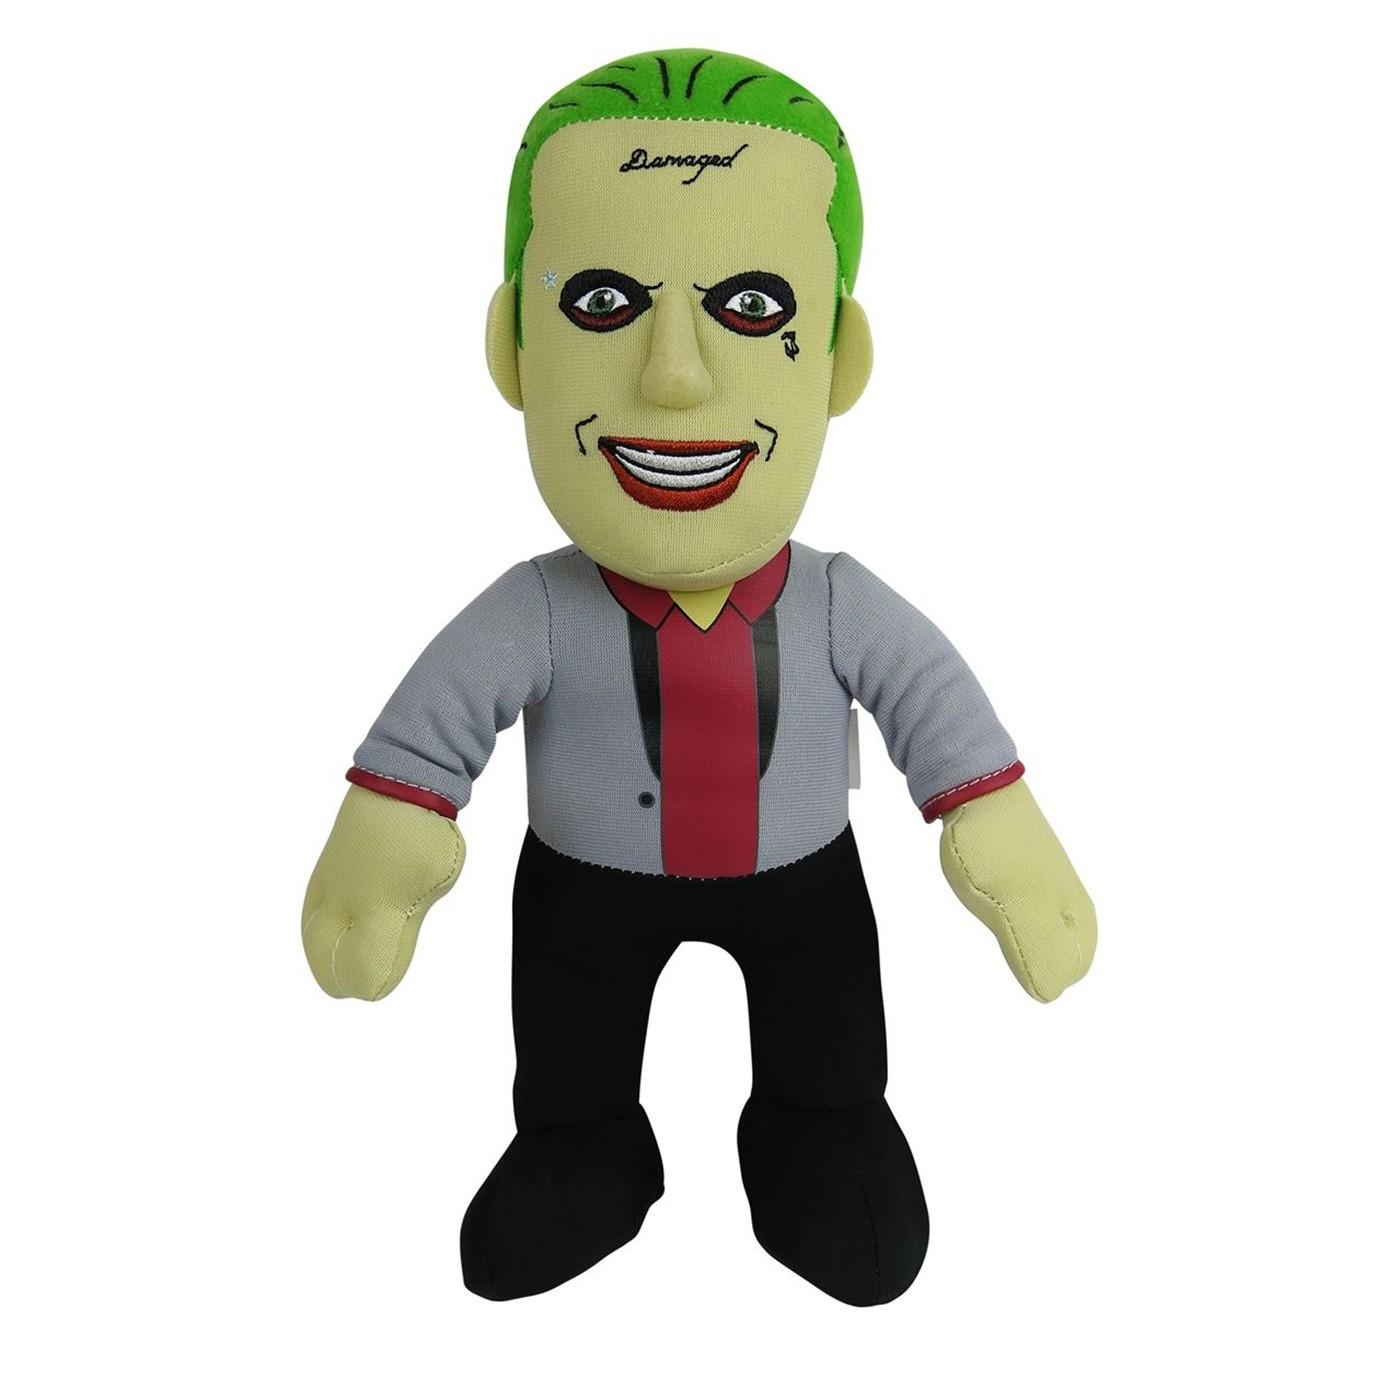 Suicide Squad Joker Bleacher Creature Plush Figure